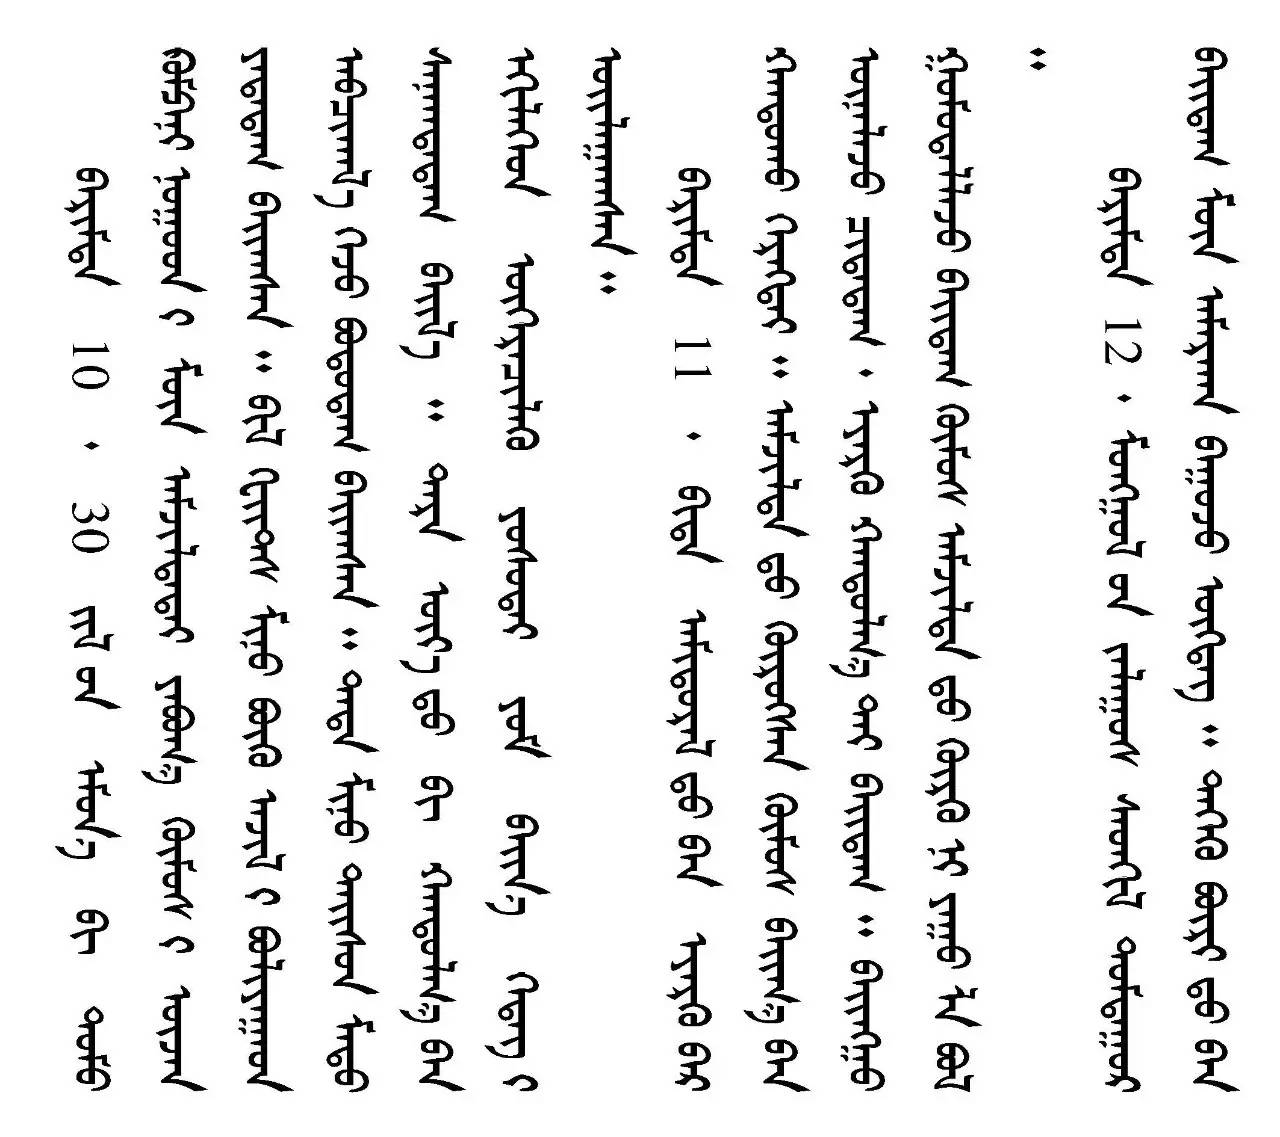 马云对蒙古国青年说什么了? 第6张 马云对蒙古国青年说什么了? 蒙古文化